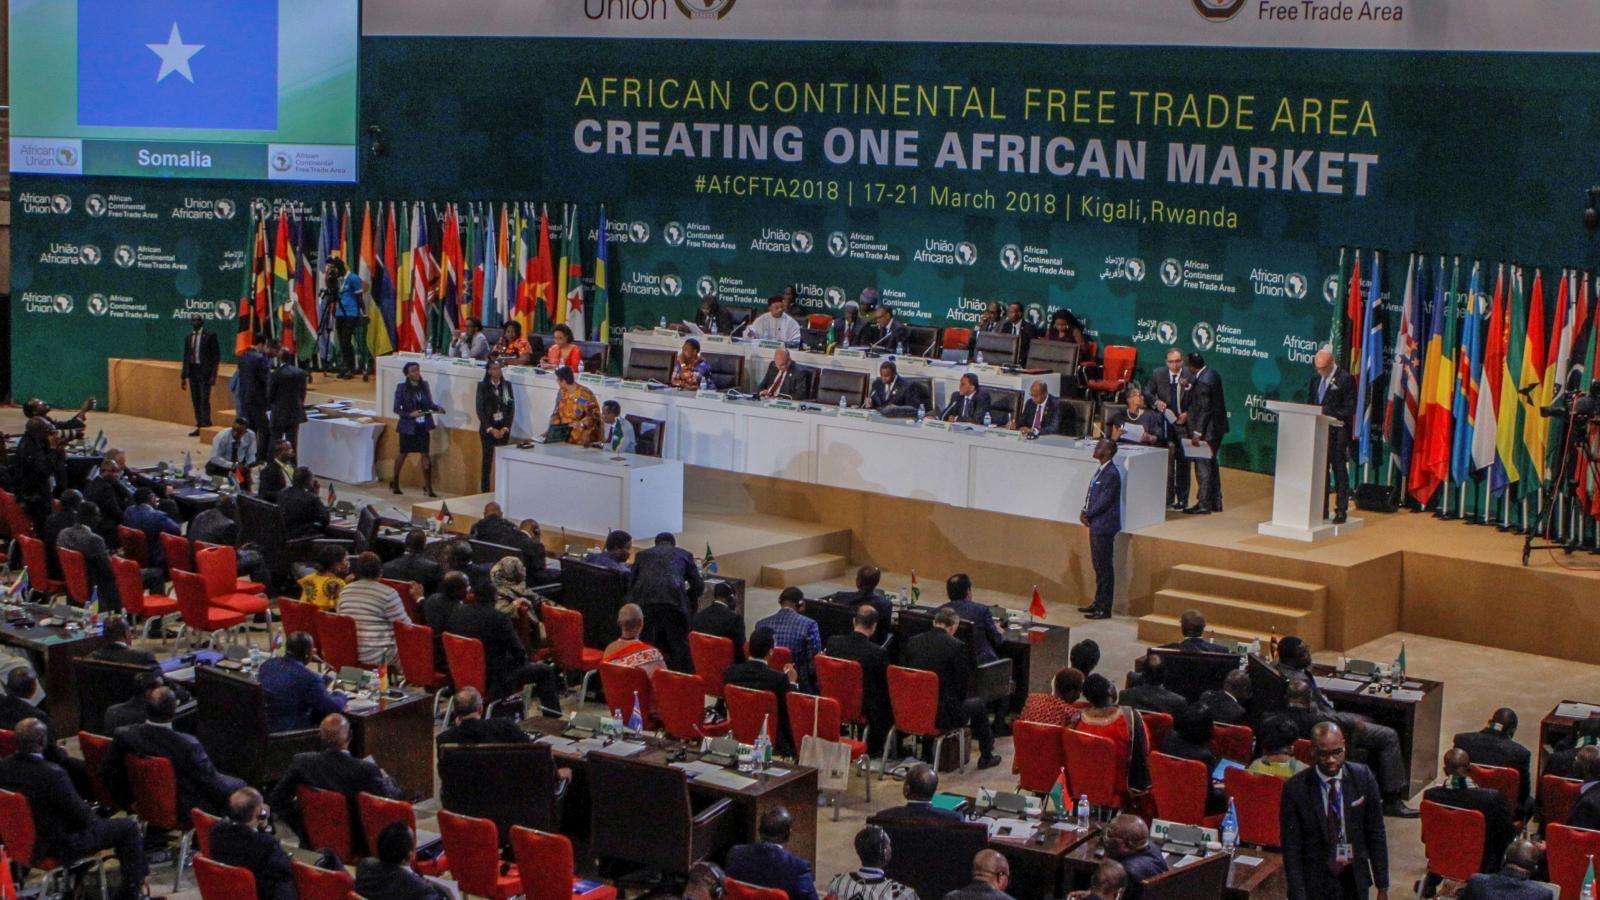 AfCFTA, Un Sogno Panafricano Che Intende Superare Gli Spazi Angusti Dei Confini Coloniali